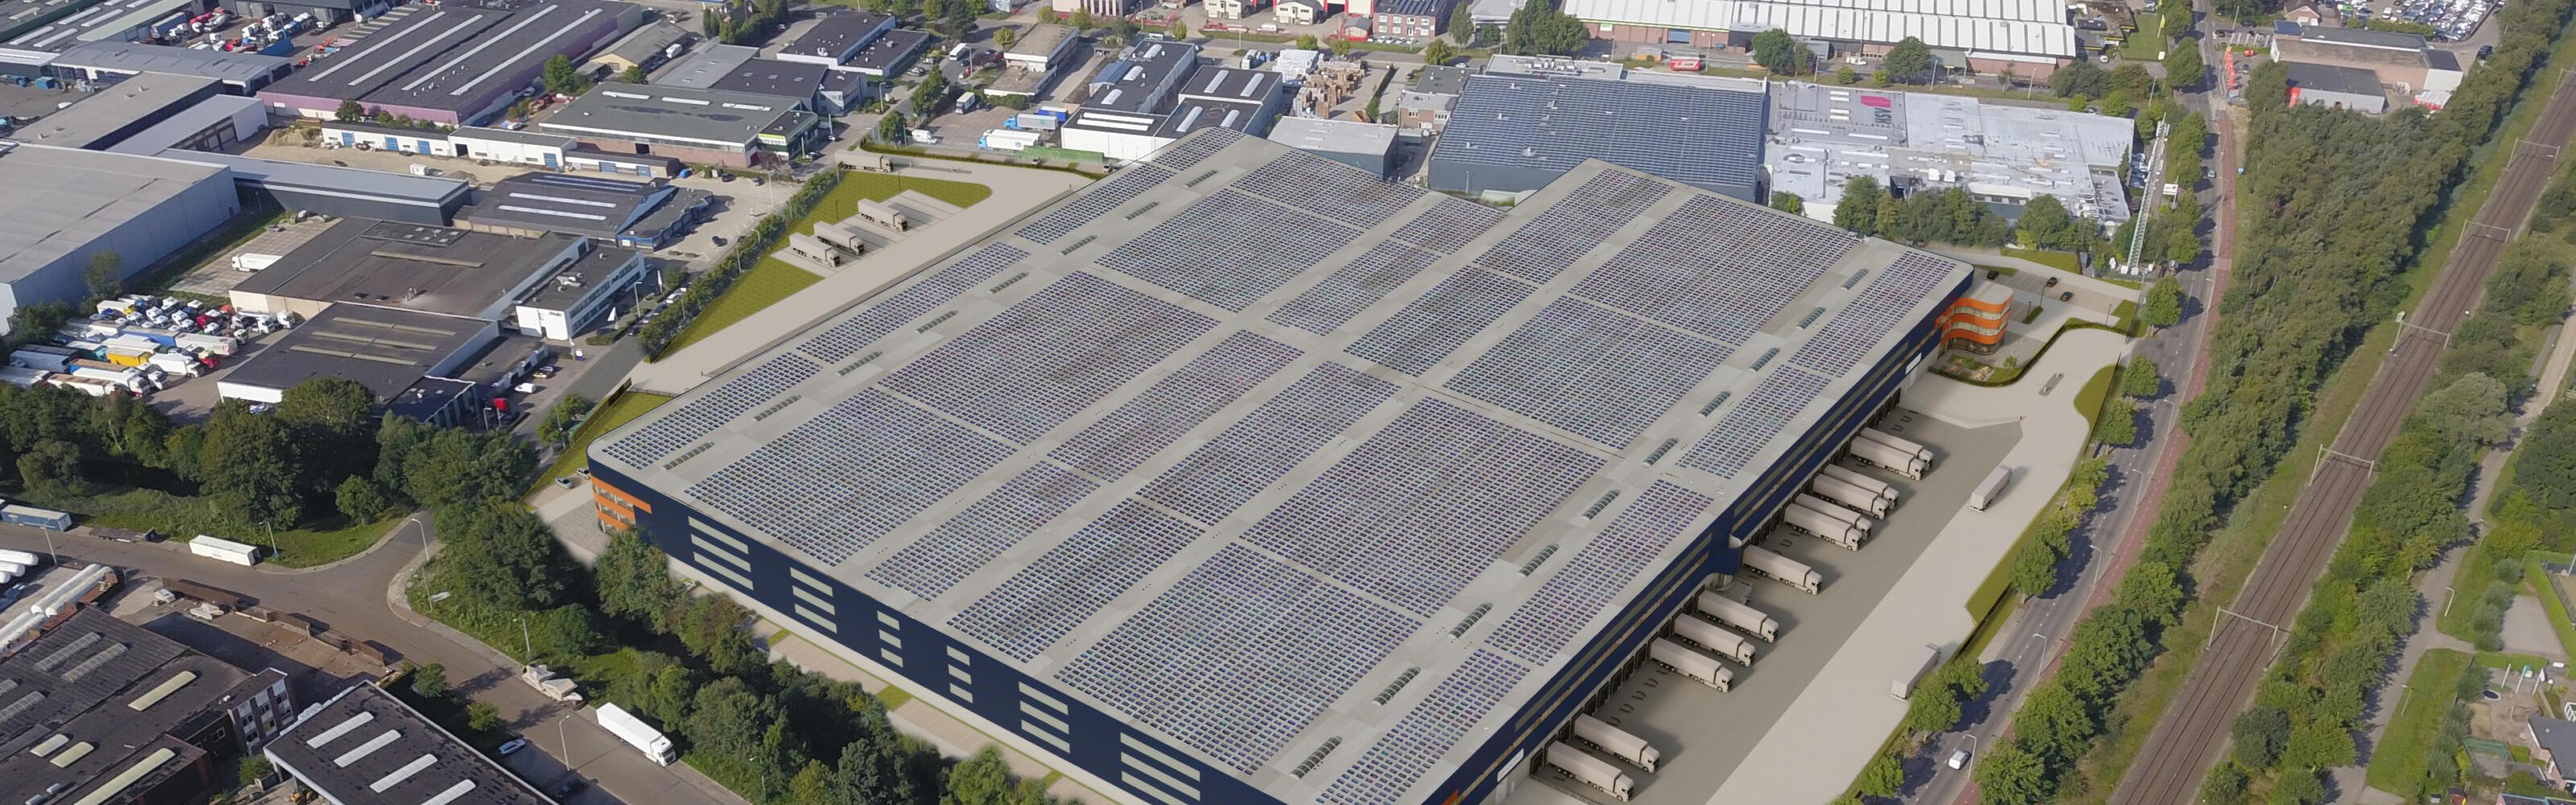 luchtfoto-voorzijde_01.jpg